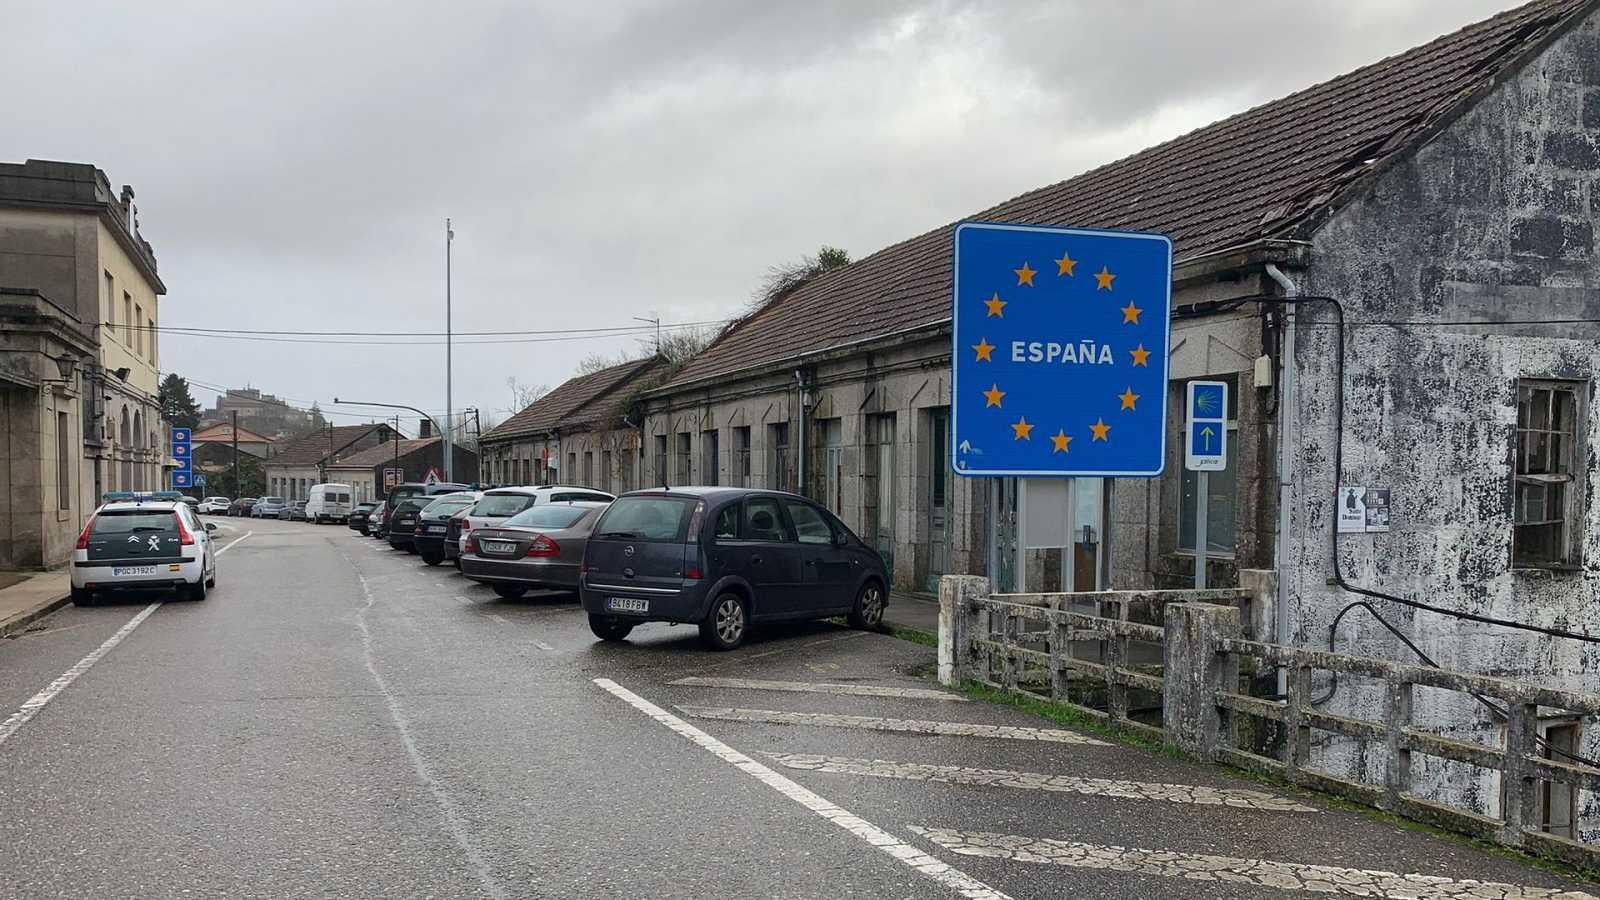 Más cerca - El cierre de Portugal afecta a las ciudades fronterizas - Escuchar ahora